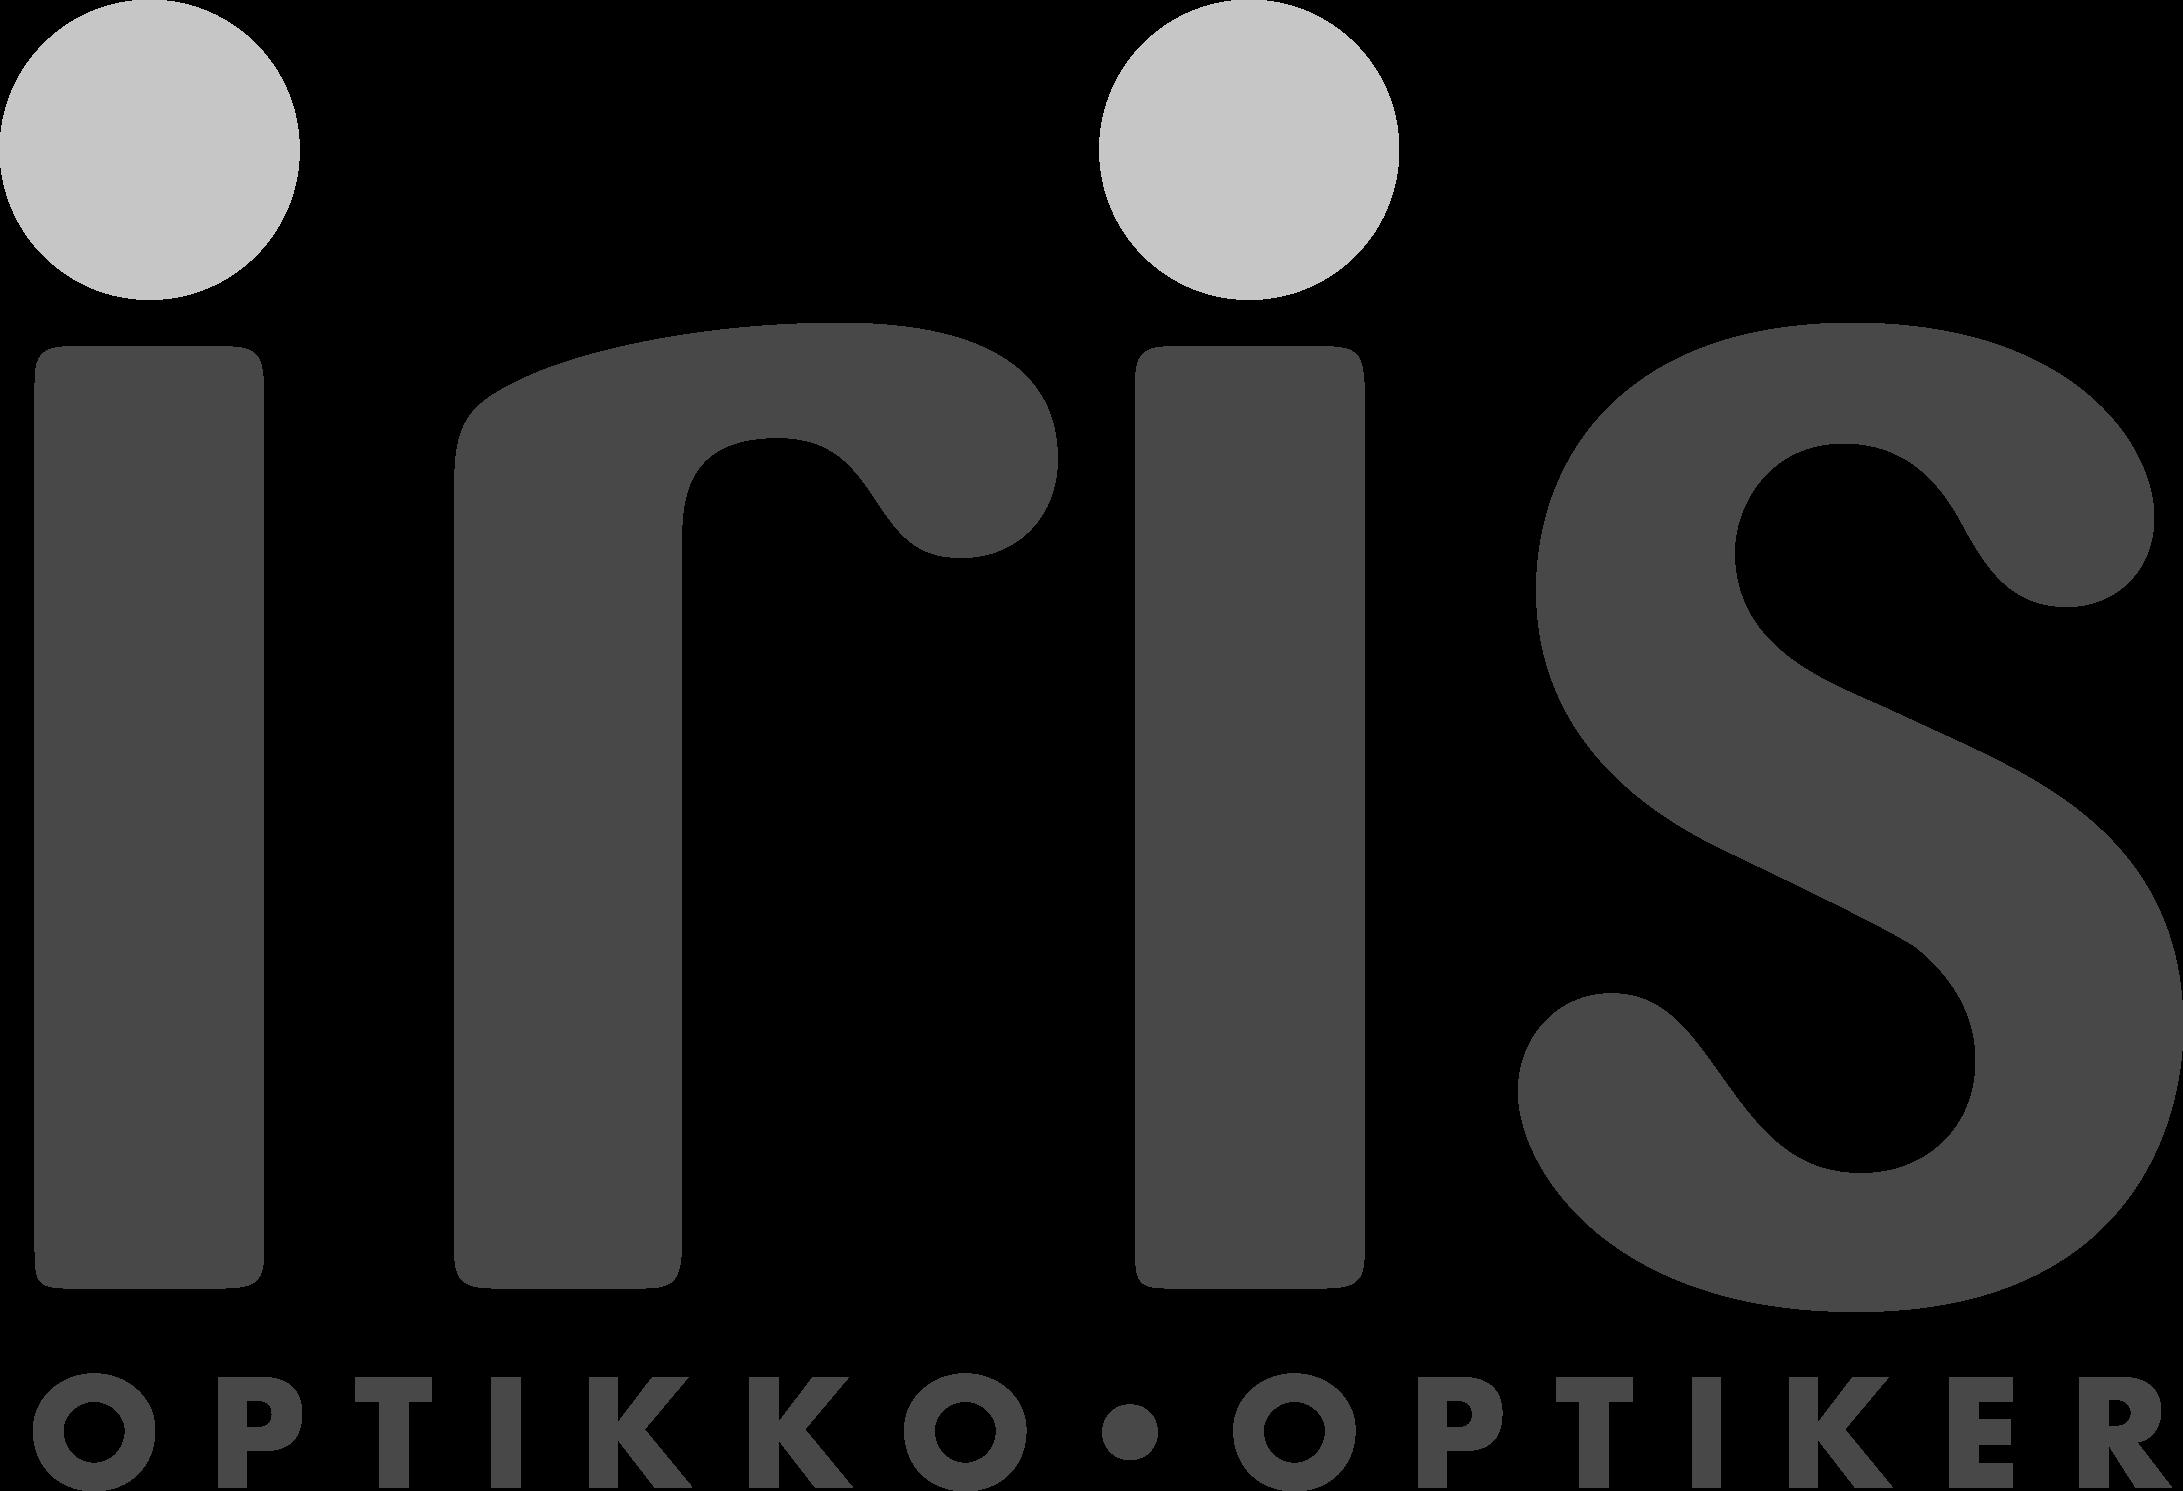 iris optikkooptiker logo.png